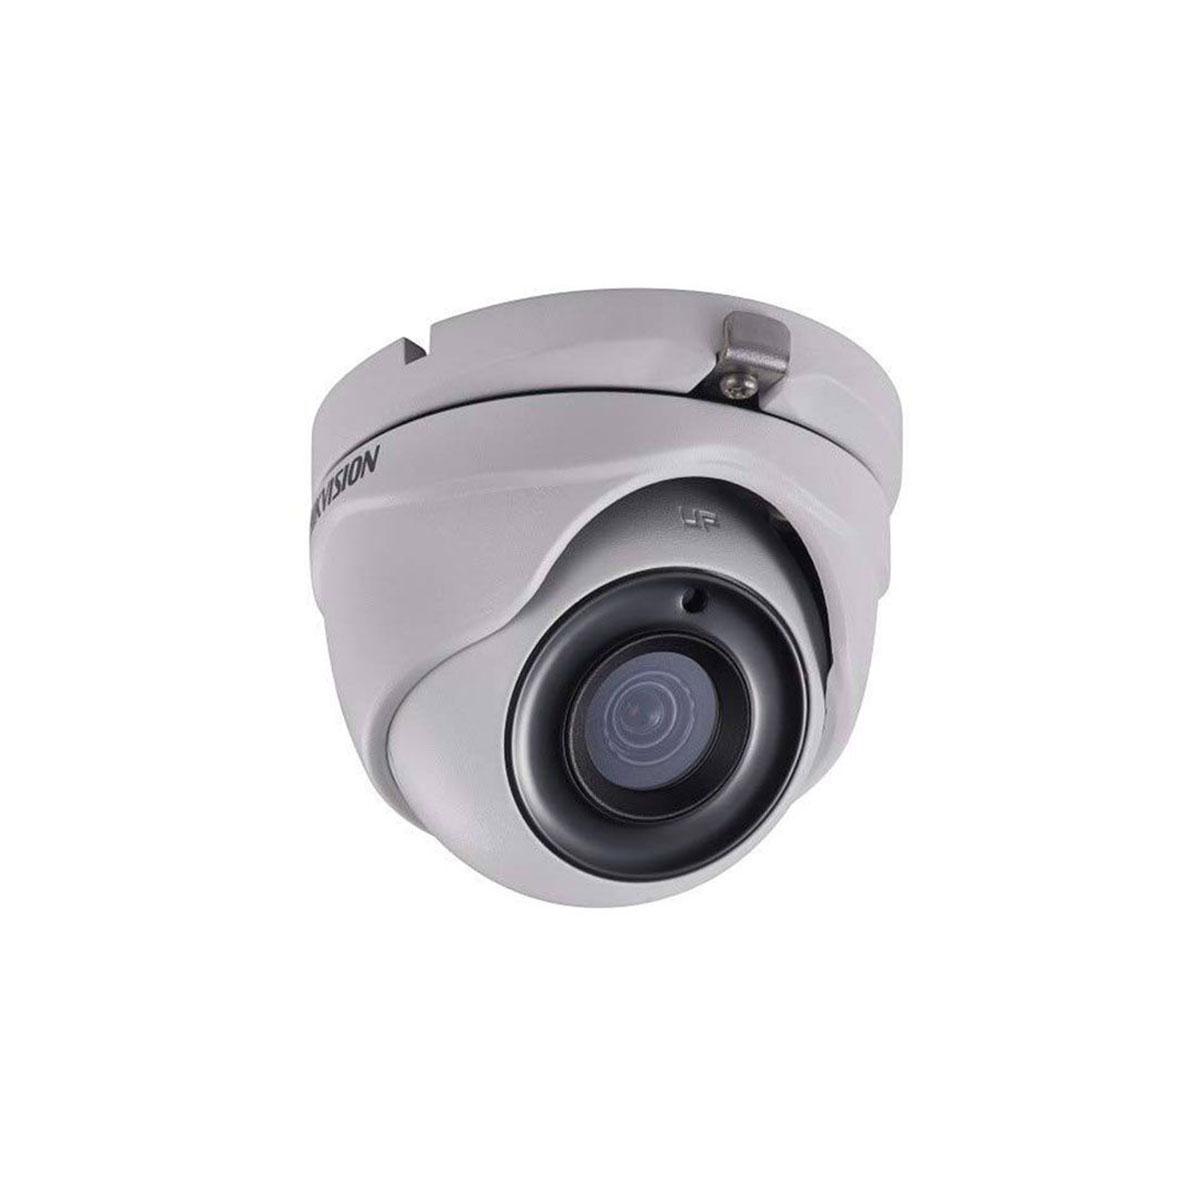 Cámara Hikvision DS-2CE56H1T-ITM 5MP Tipo Domo